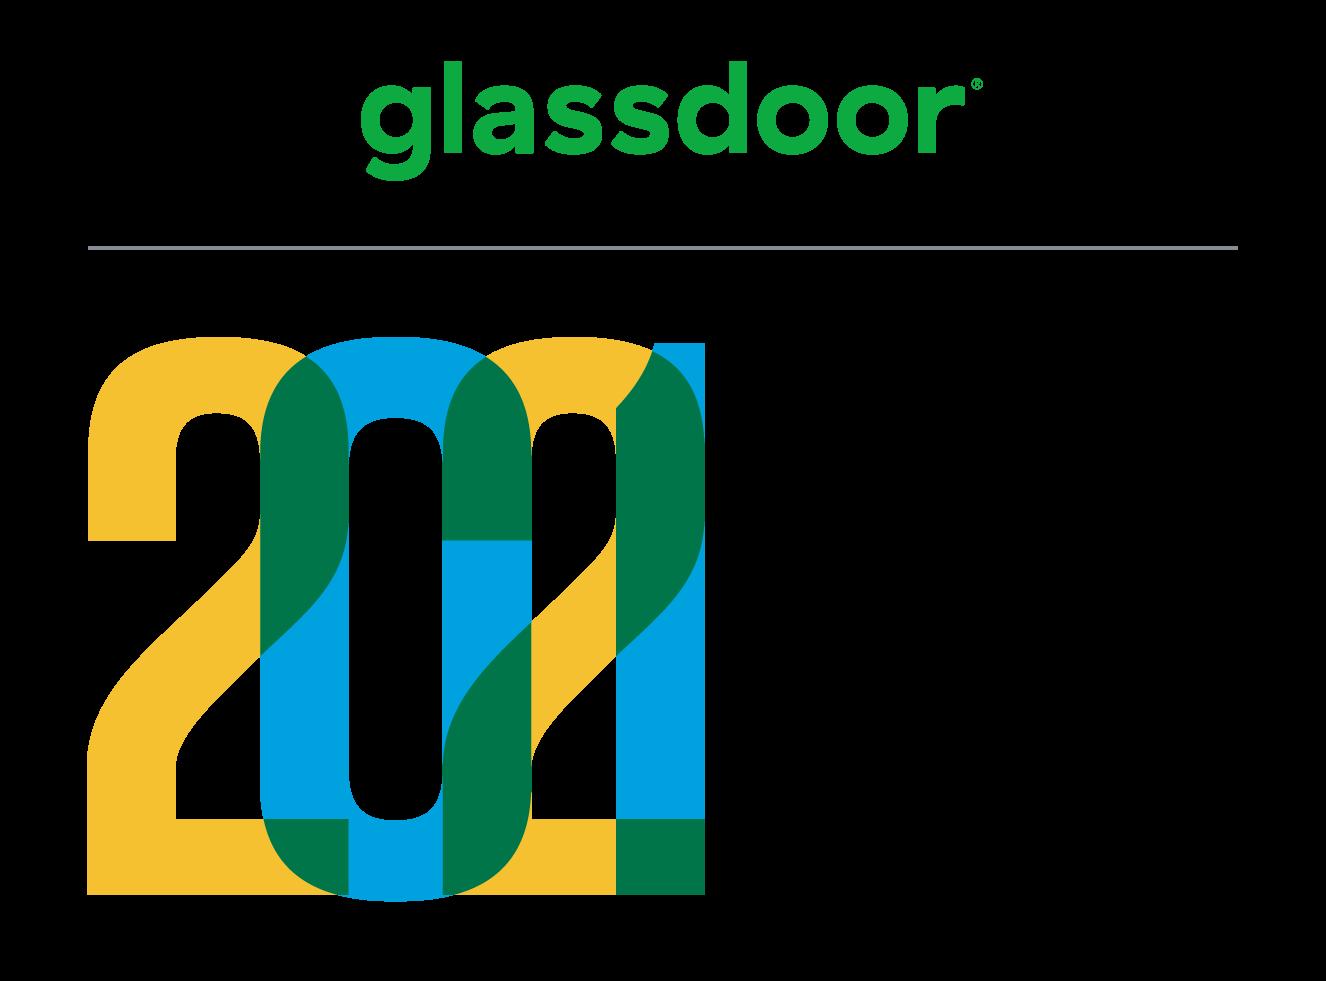 UPDATED - BPTW21+Glassdoor Stacked Logo